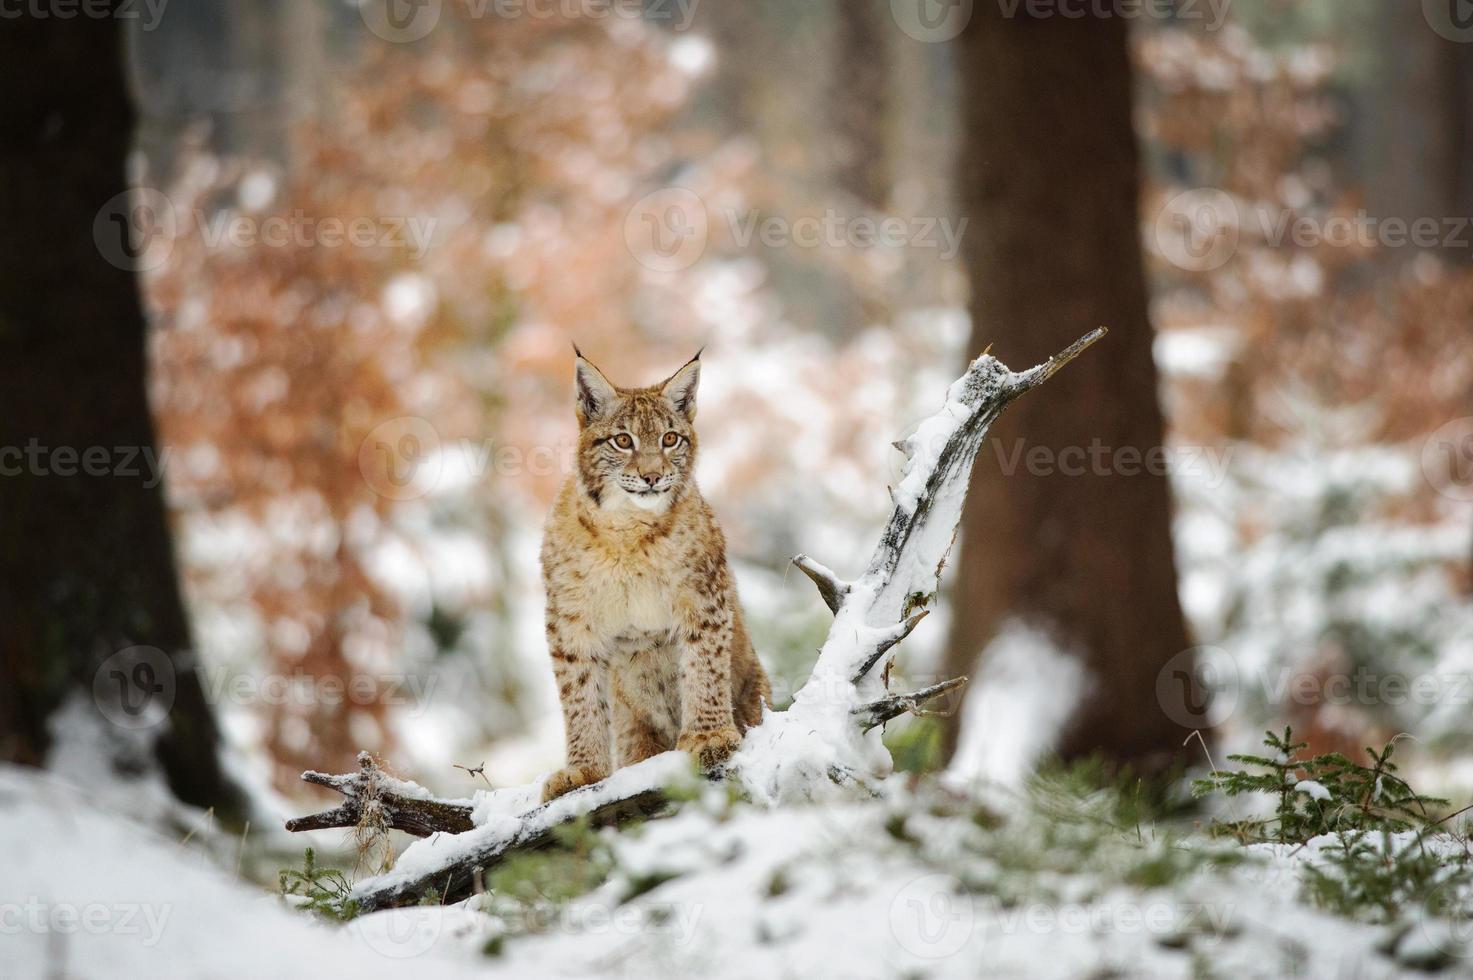 cucciolo di lince eurasiatica in piedi nella foresta di inverno colorato con la neve foto